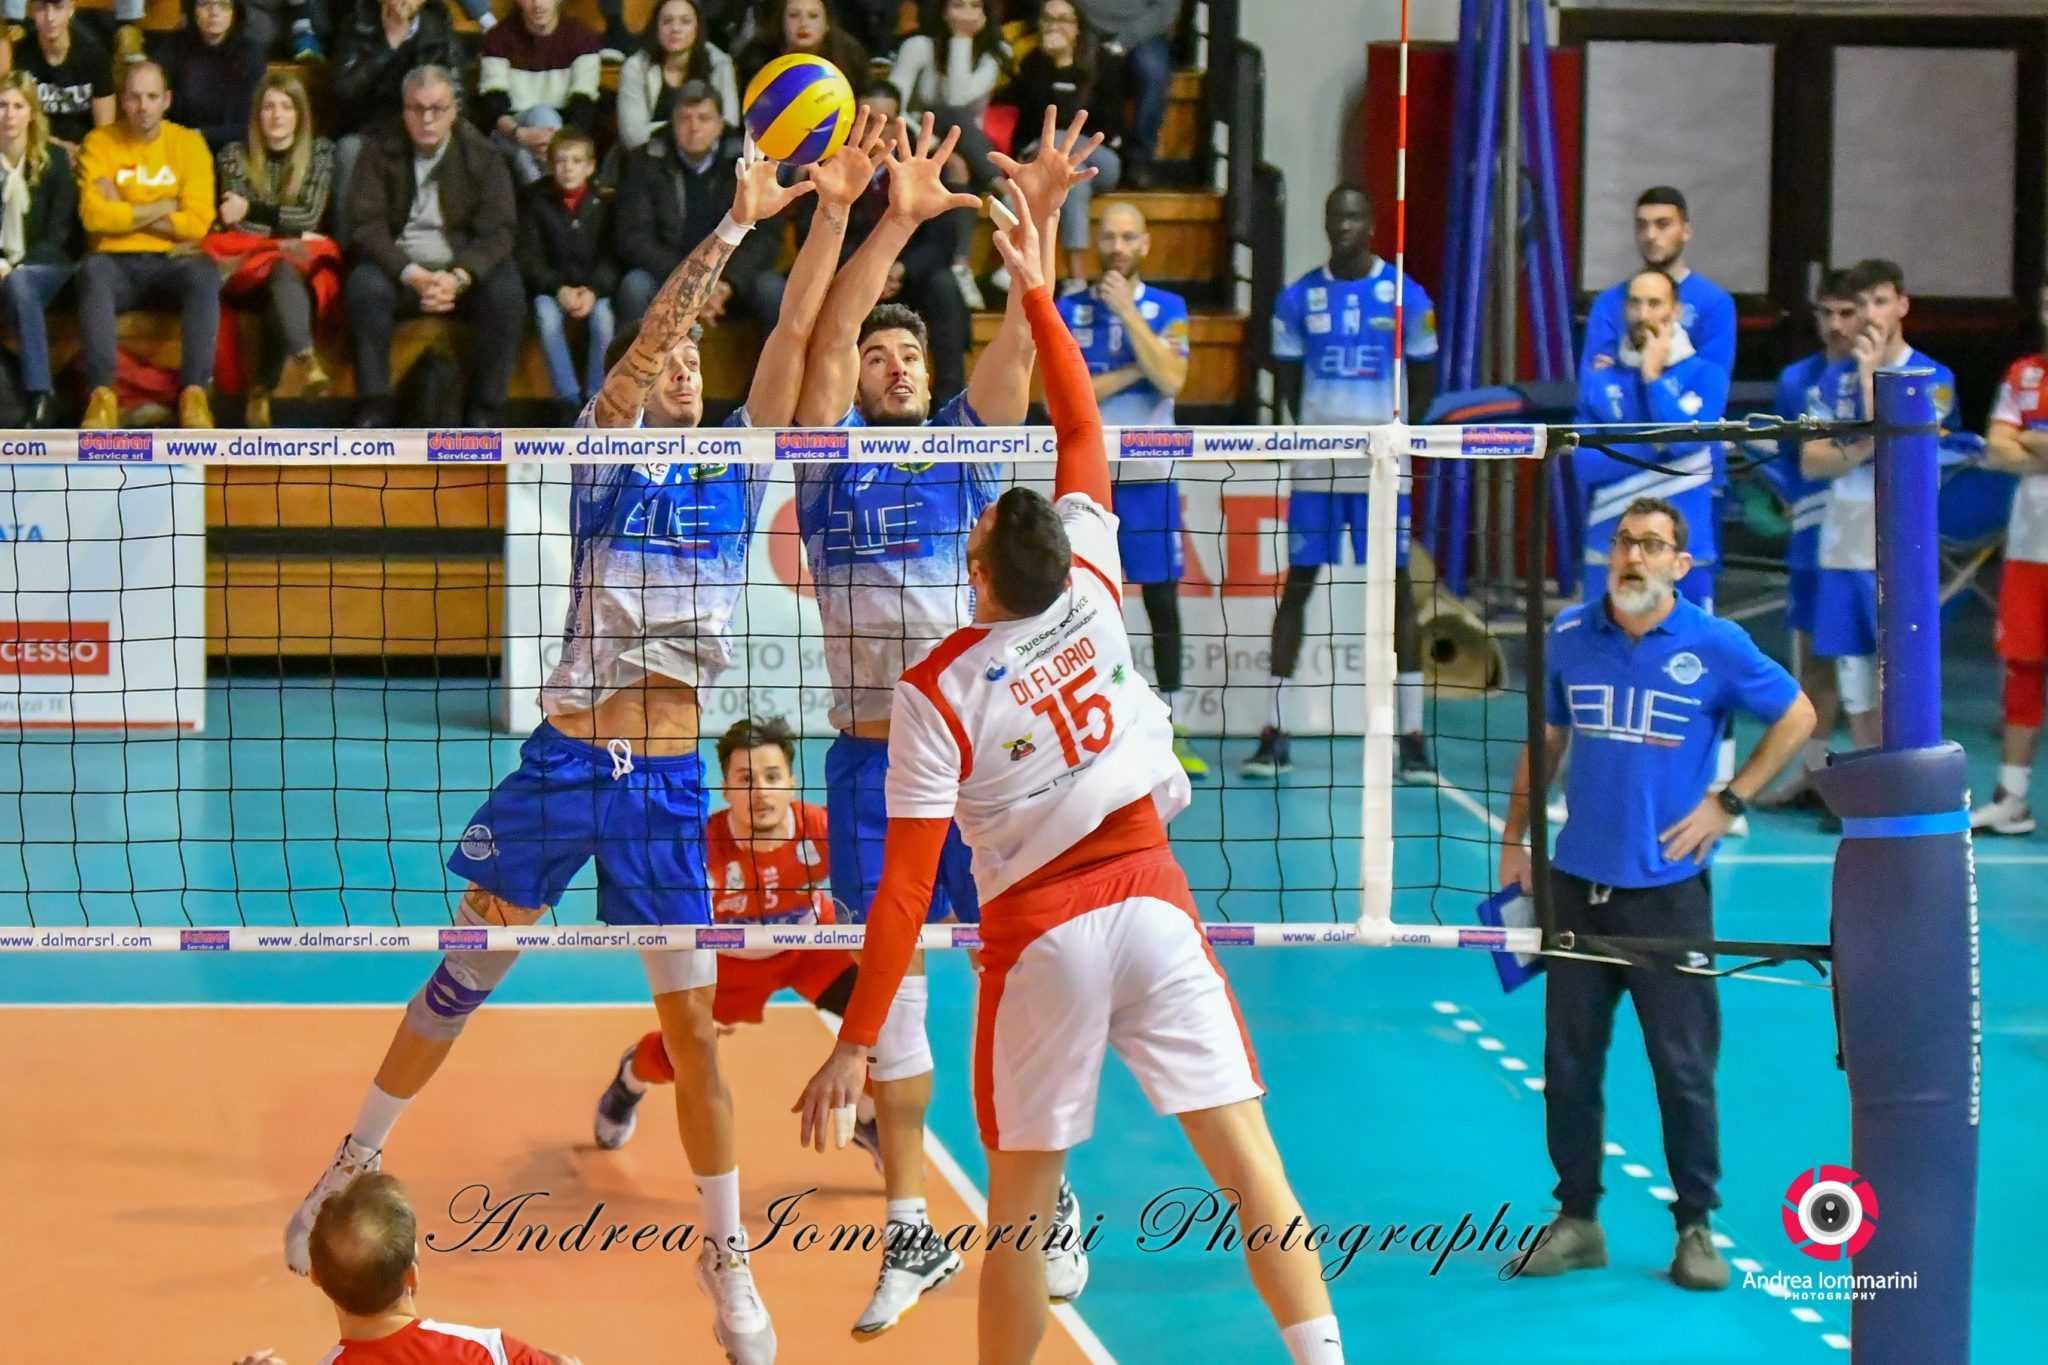 Pallavolo, la Blueitaly Pineto cede al PalaVolley: Bari vince 1-3 e conquista la vetta